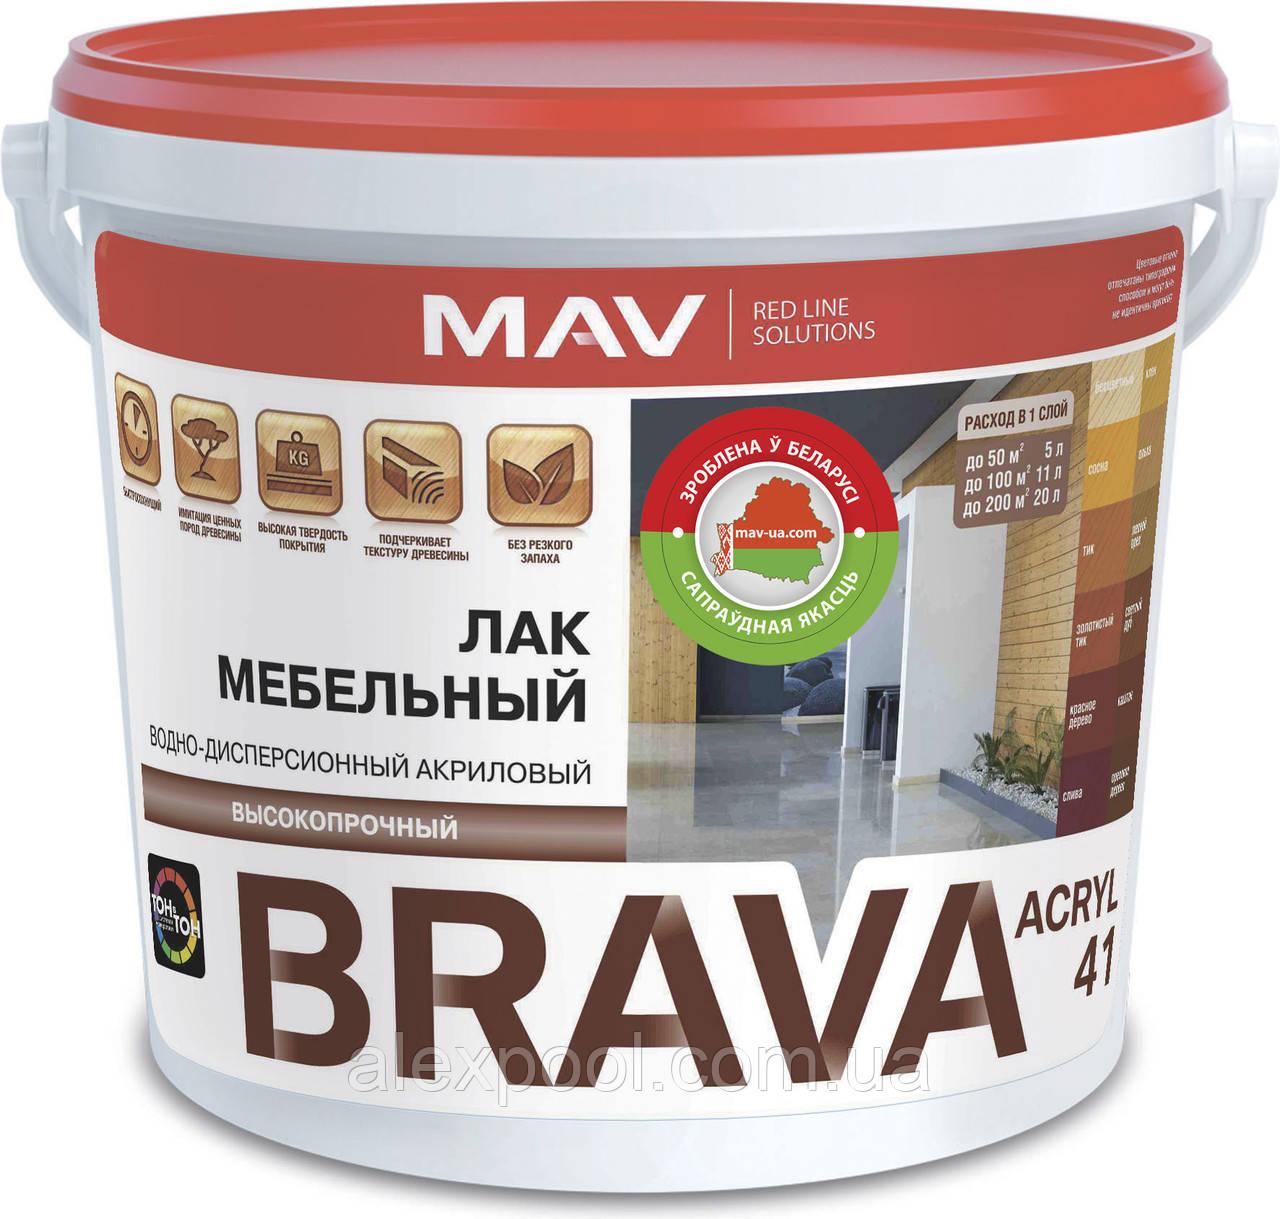 Лак MAV BRAVA ACRYL 41 мебельный Бесцветный полуматовый 5 литров